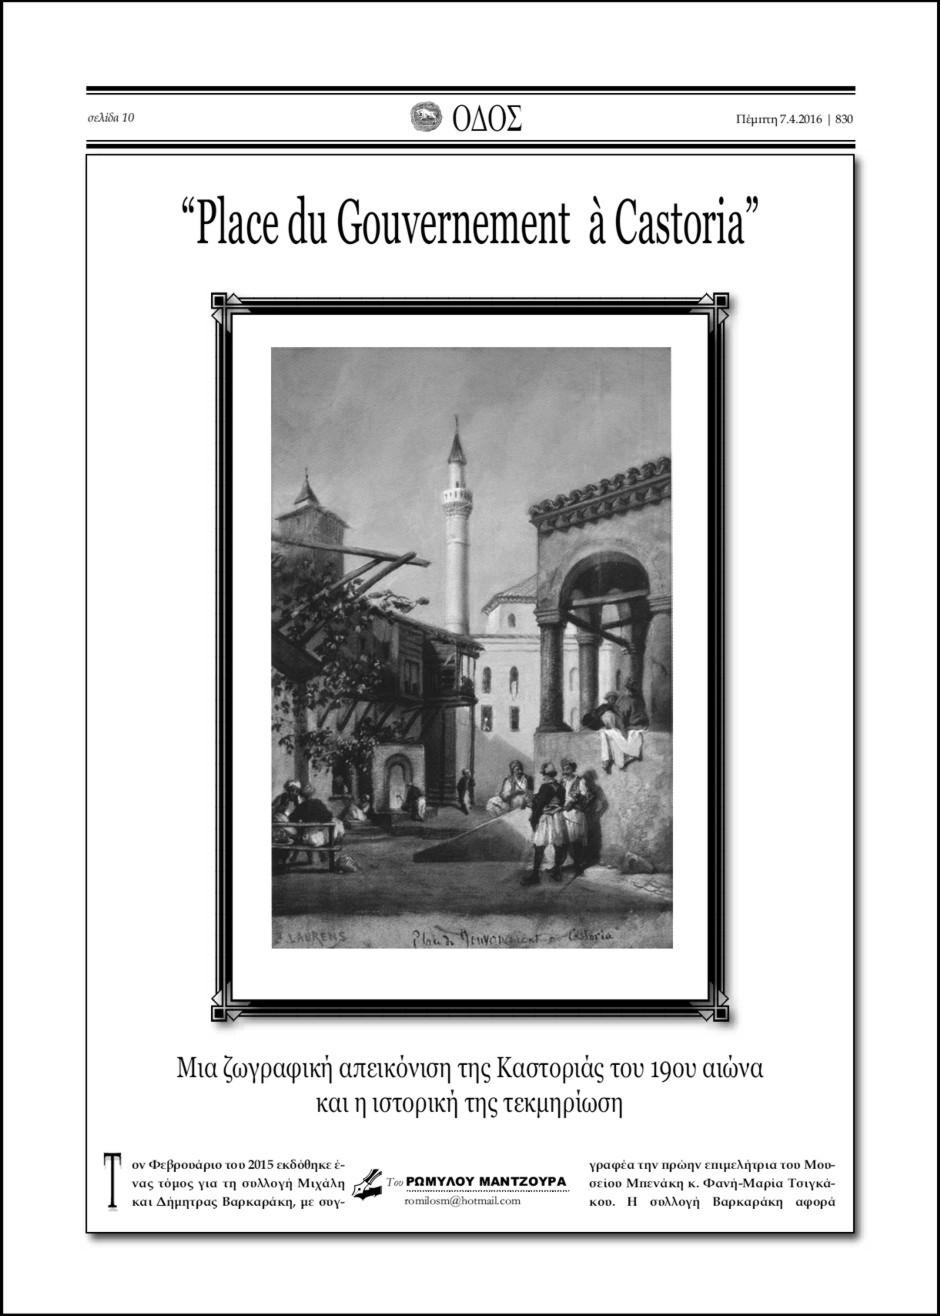 """ΡΩΜΥΛΟΥ ΜΑΝΤΖΟΥΡΑ: """"Place du Gouvernement à Castoria"""""""